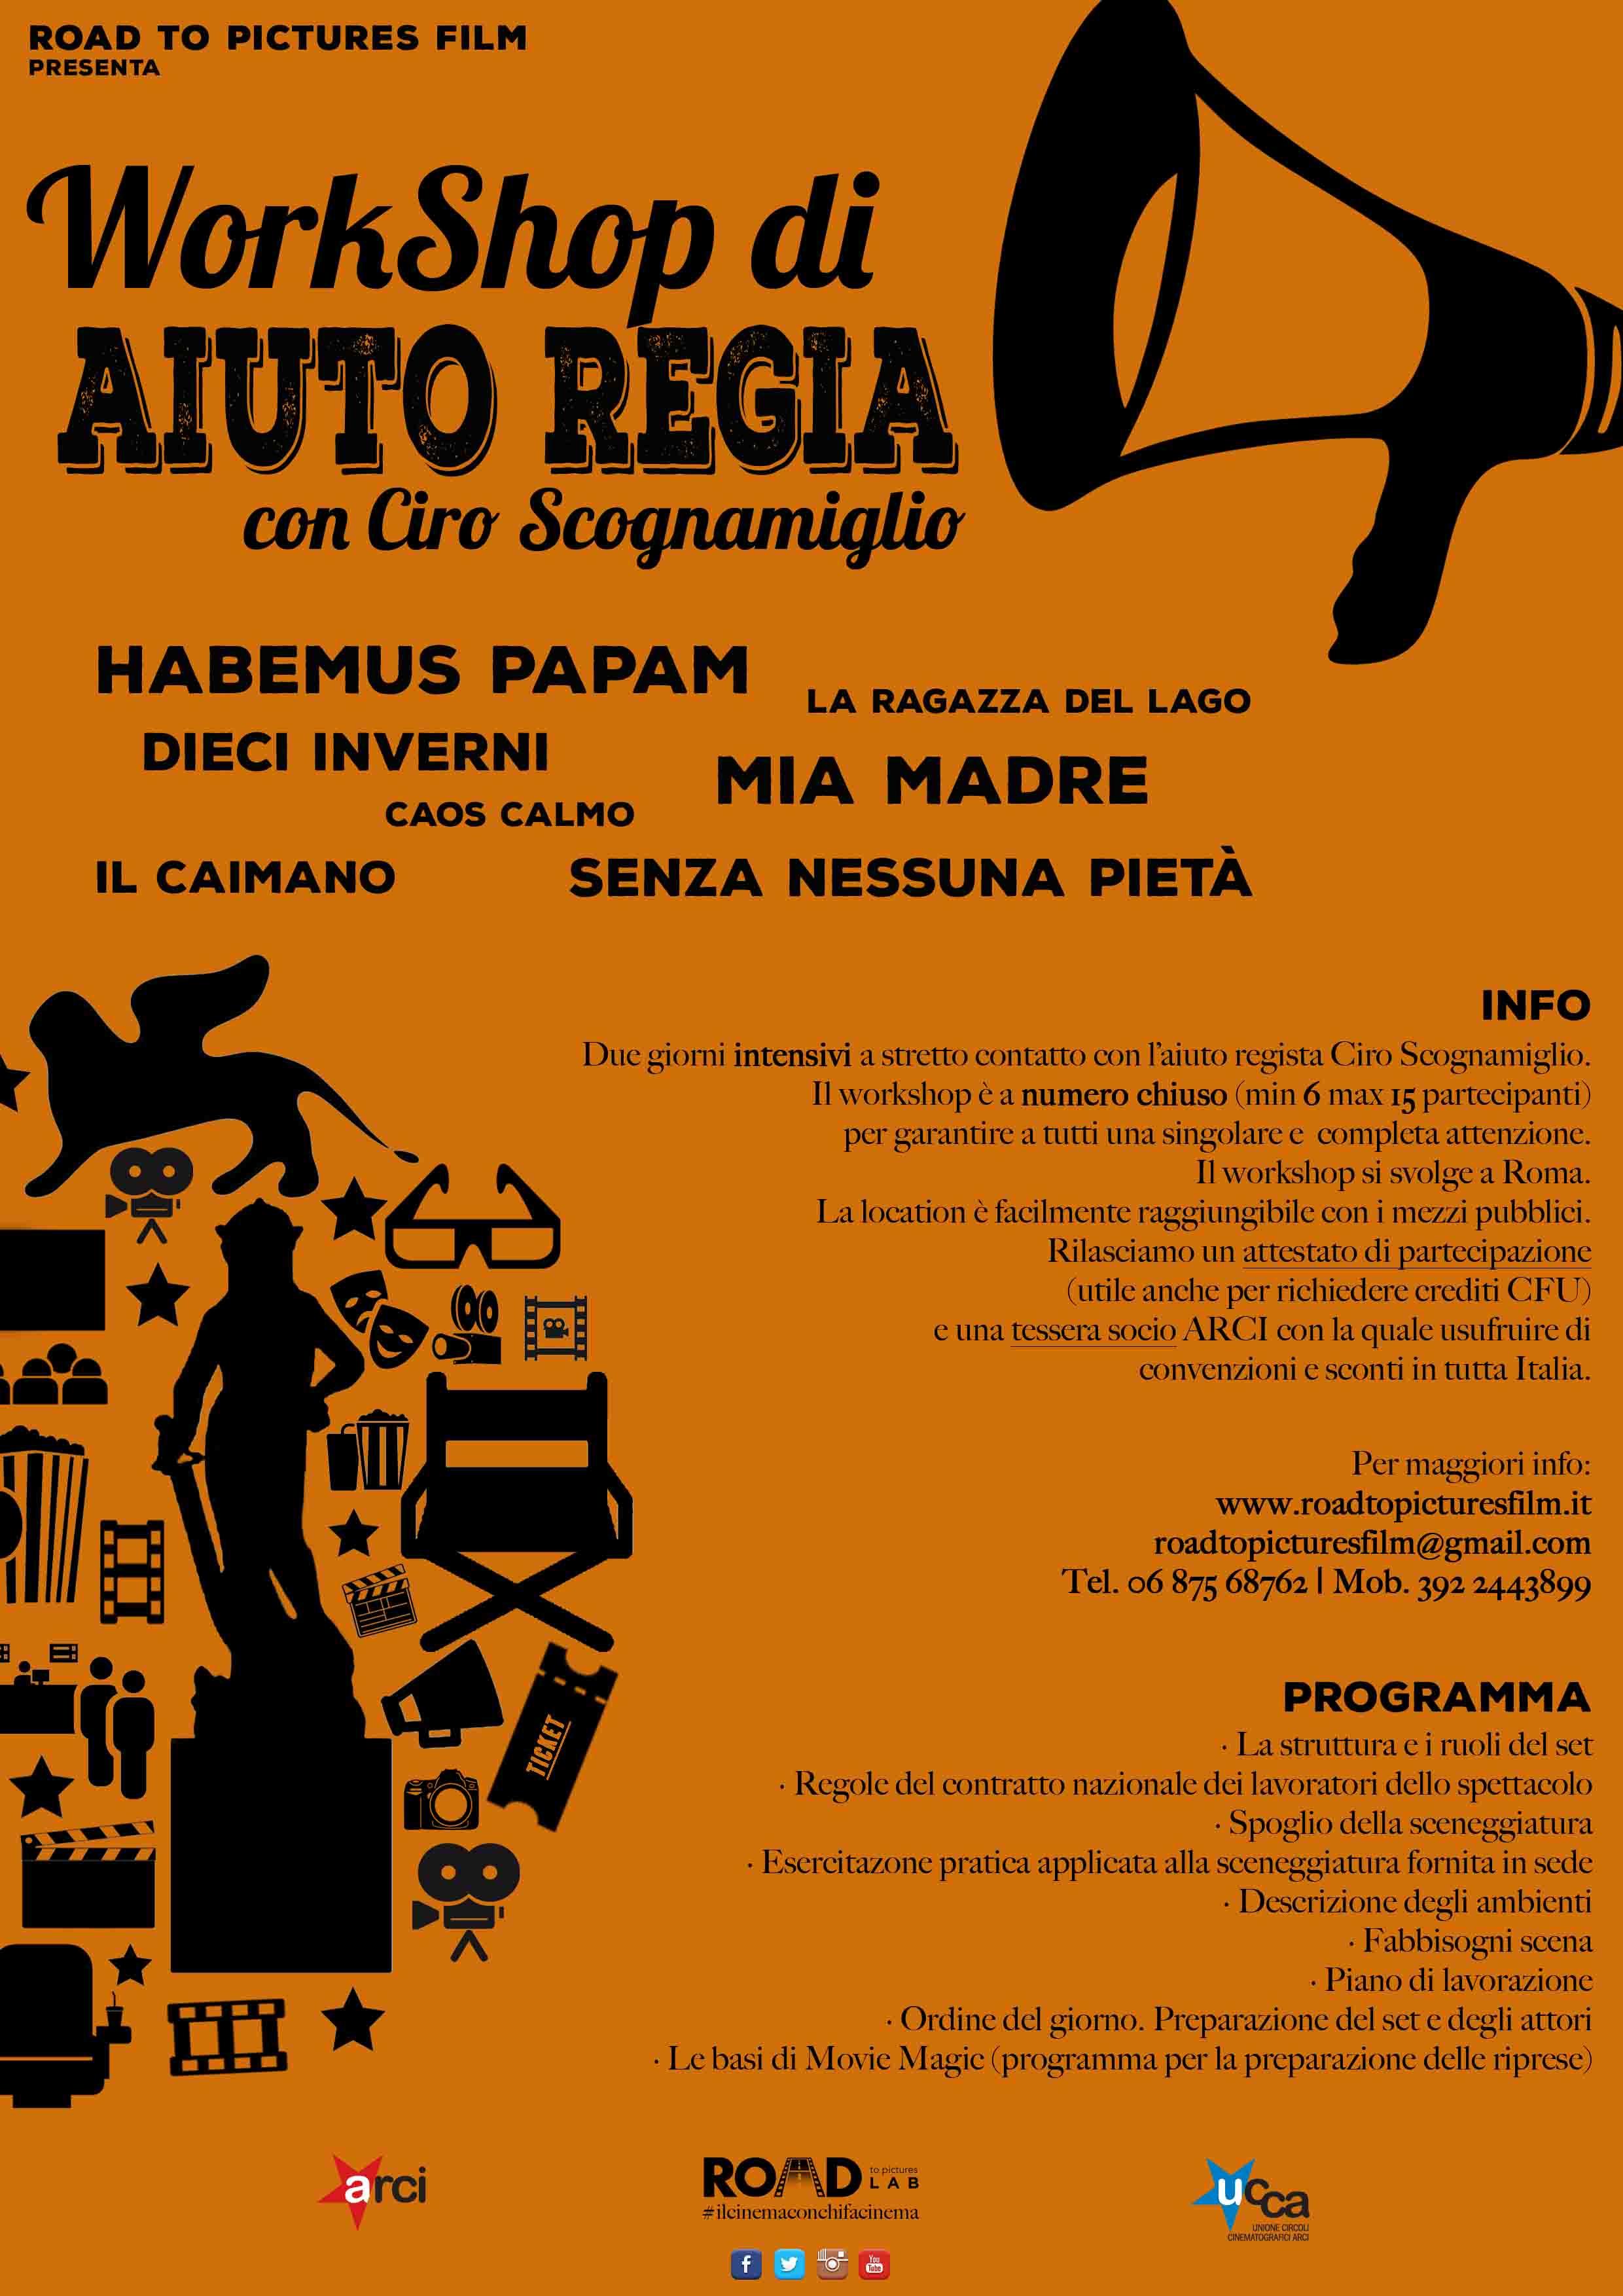 AIUTO REGIA_ MASTER